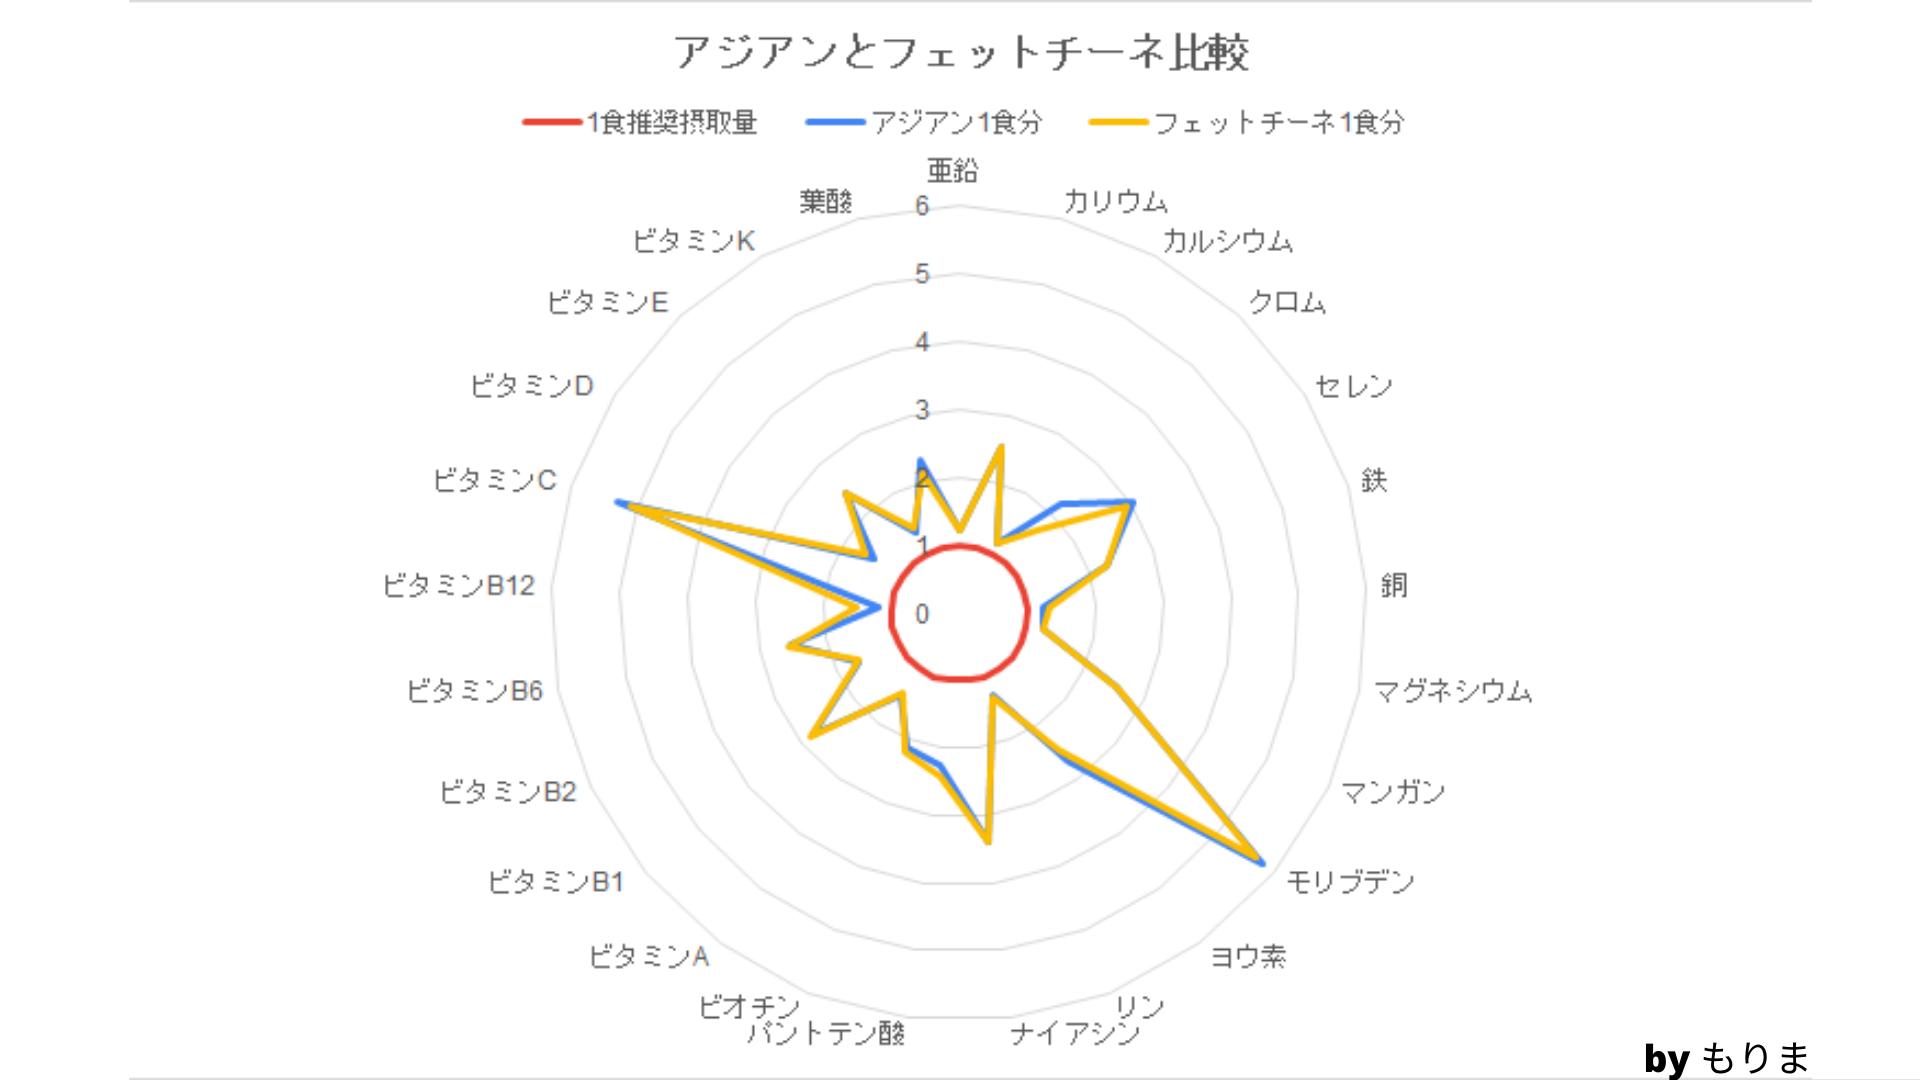 BASE PASTA(ベースパスタ) アジアン フェットチーネ 栄養素比較グラフ